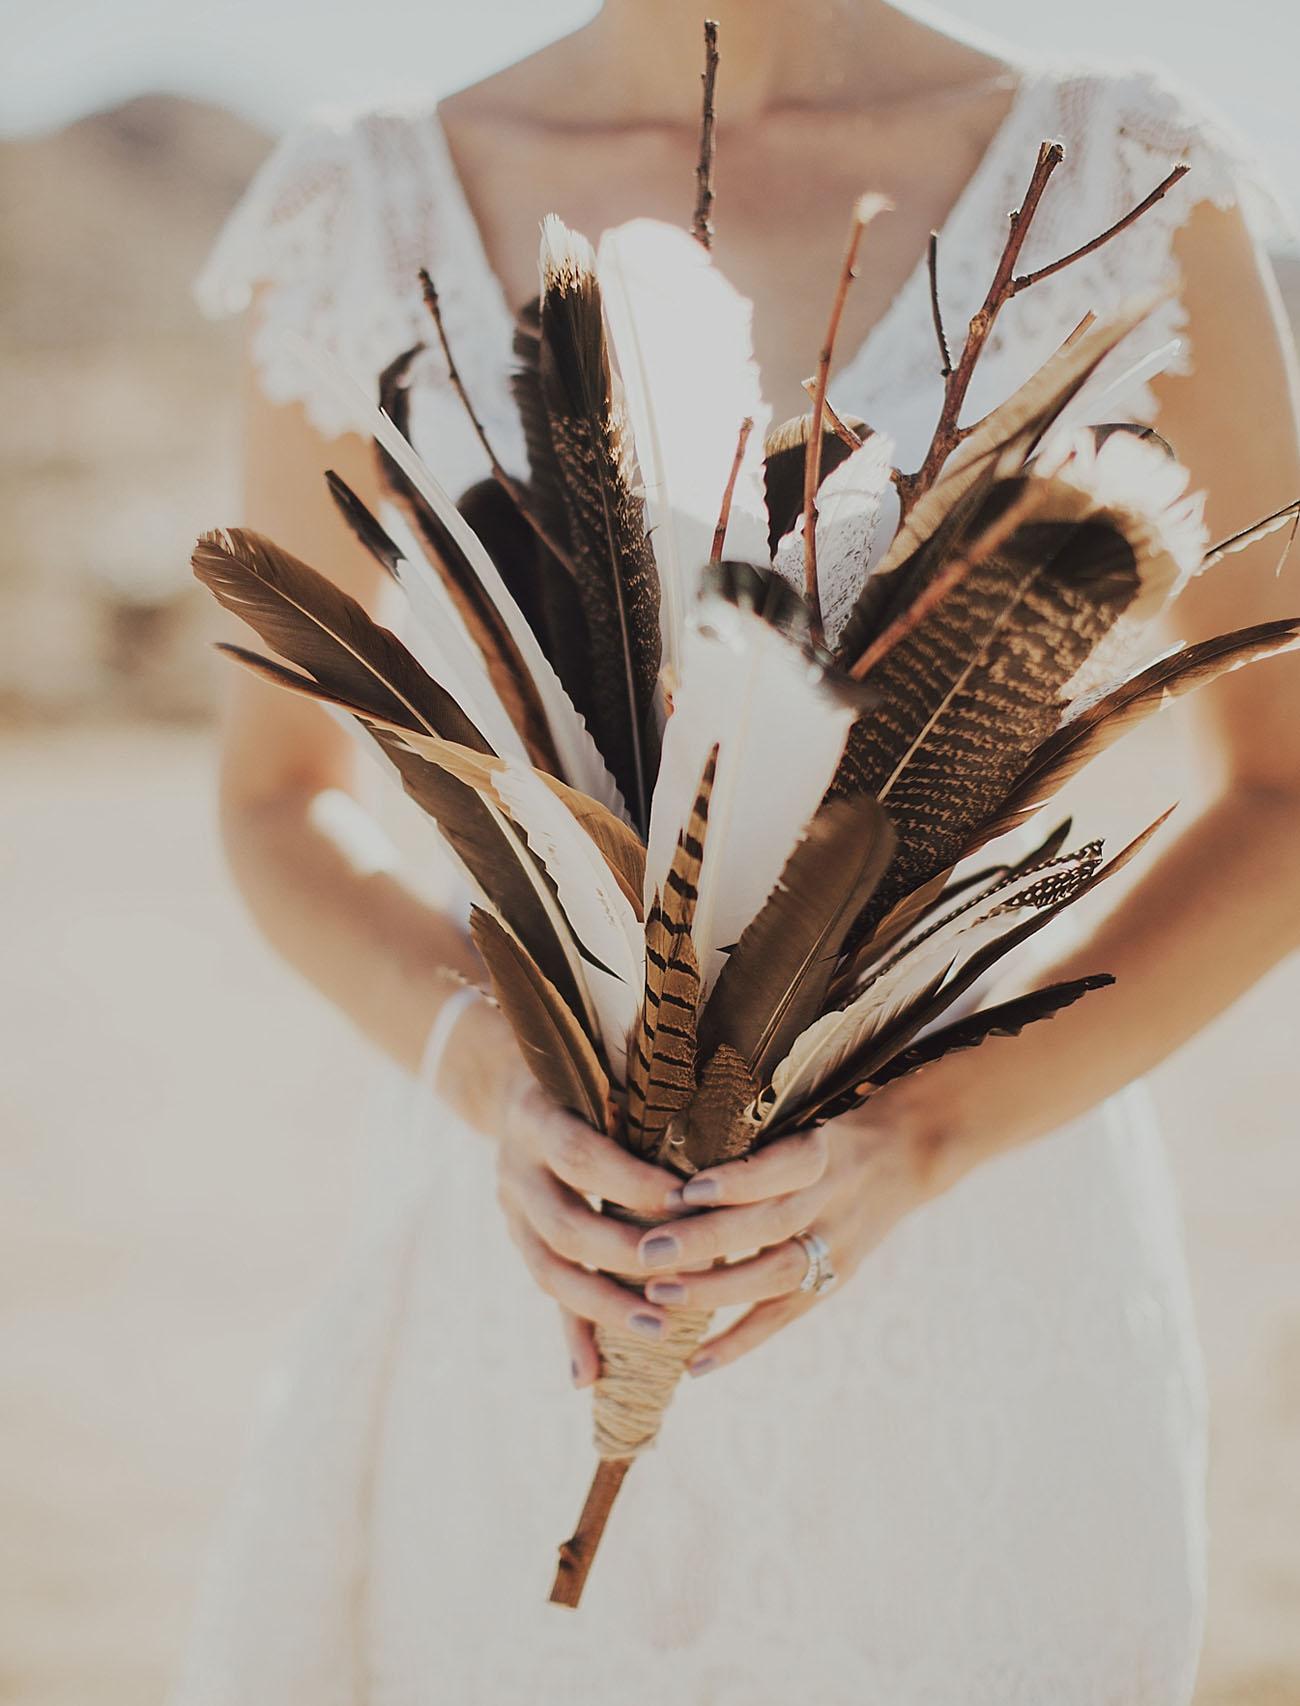 Bruidsboeket gemaakt van veren